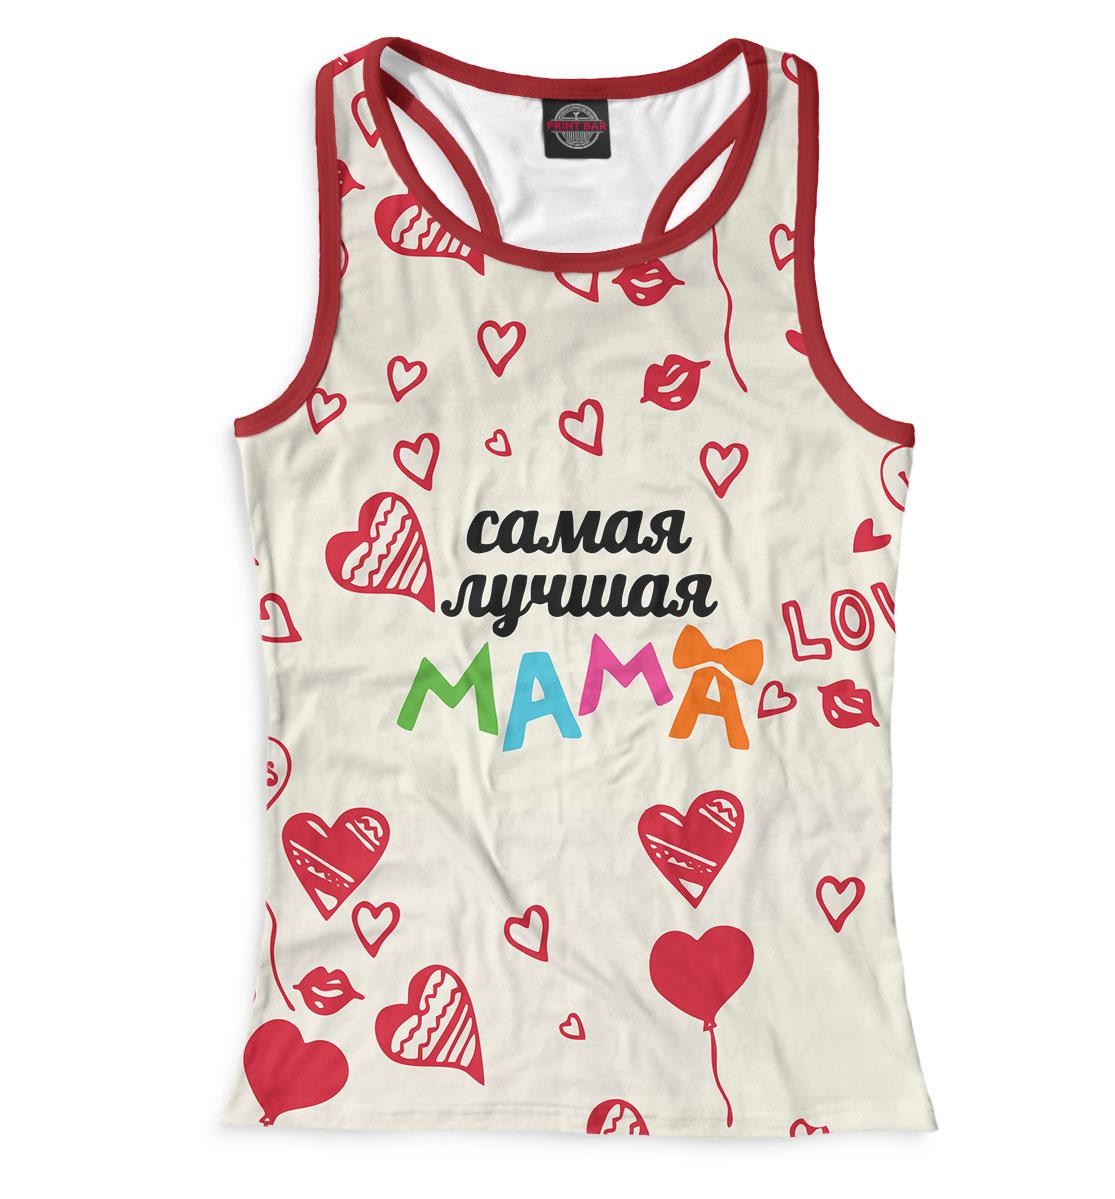 Купить Самая лучшая мама, Printbar, Майки борцовки, MRT-255169-mayb-1